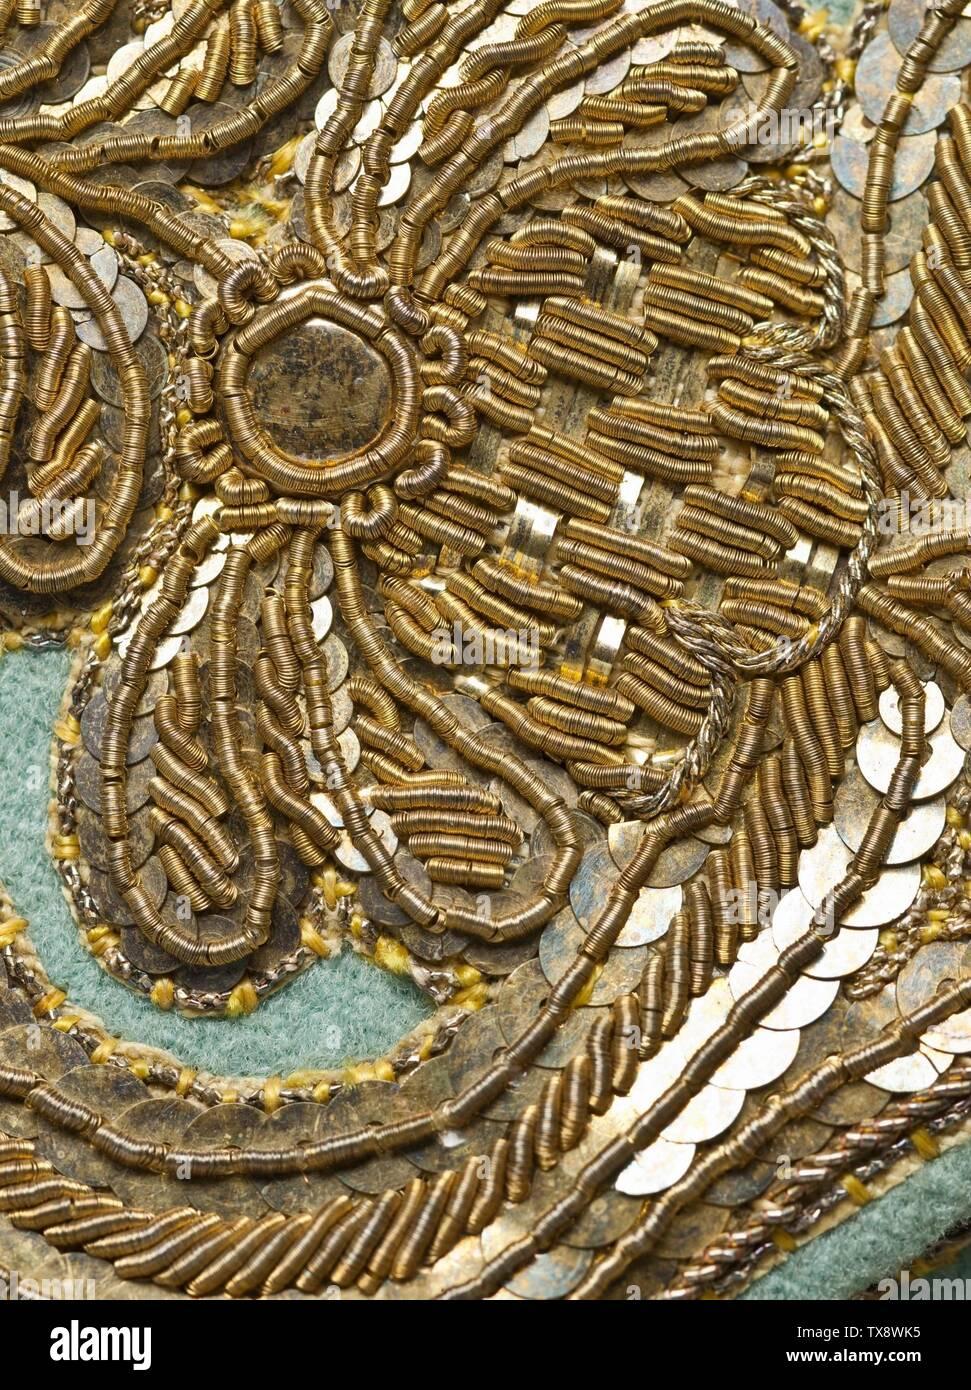 Herrenanzug (Bild 6 von 11); Frankreich, ca. 1760 Kostüme; Hauptkleidung (gesamter Körper) Mantel und Weste: Einfarbiges Wollgewebe, volllackiert, mit Pailletten und metallisch-fächergestickten appliqués; Breschen: Einfarbiges Wollgewebe, volllackiert, mit Seide und Passementerie mit Metallfaden A) Mantel mittlere Rückenlänge: 40 1/4 x. (102,235 x ); b) Weste hinten mittig Länge: 29 3/4 x . (75,565 x ); c) Länge Der Innennaht: 18 1/4 Zoll (46,355 cm); c) Länge Der Seite: 25 Zoll (63,5 cm) Mit Mitteln von Suzanne A. Saperstein und Michael und Ellen Michelson, mit zusätzlichem Fu Erworben Stockfoto